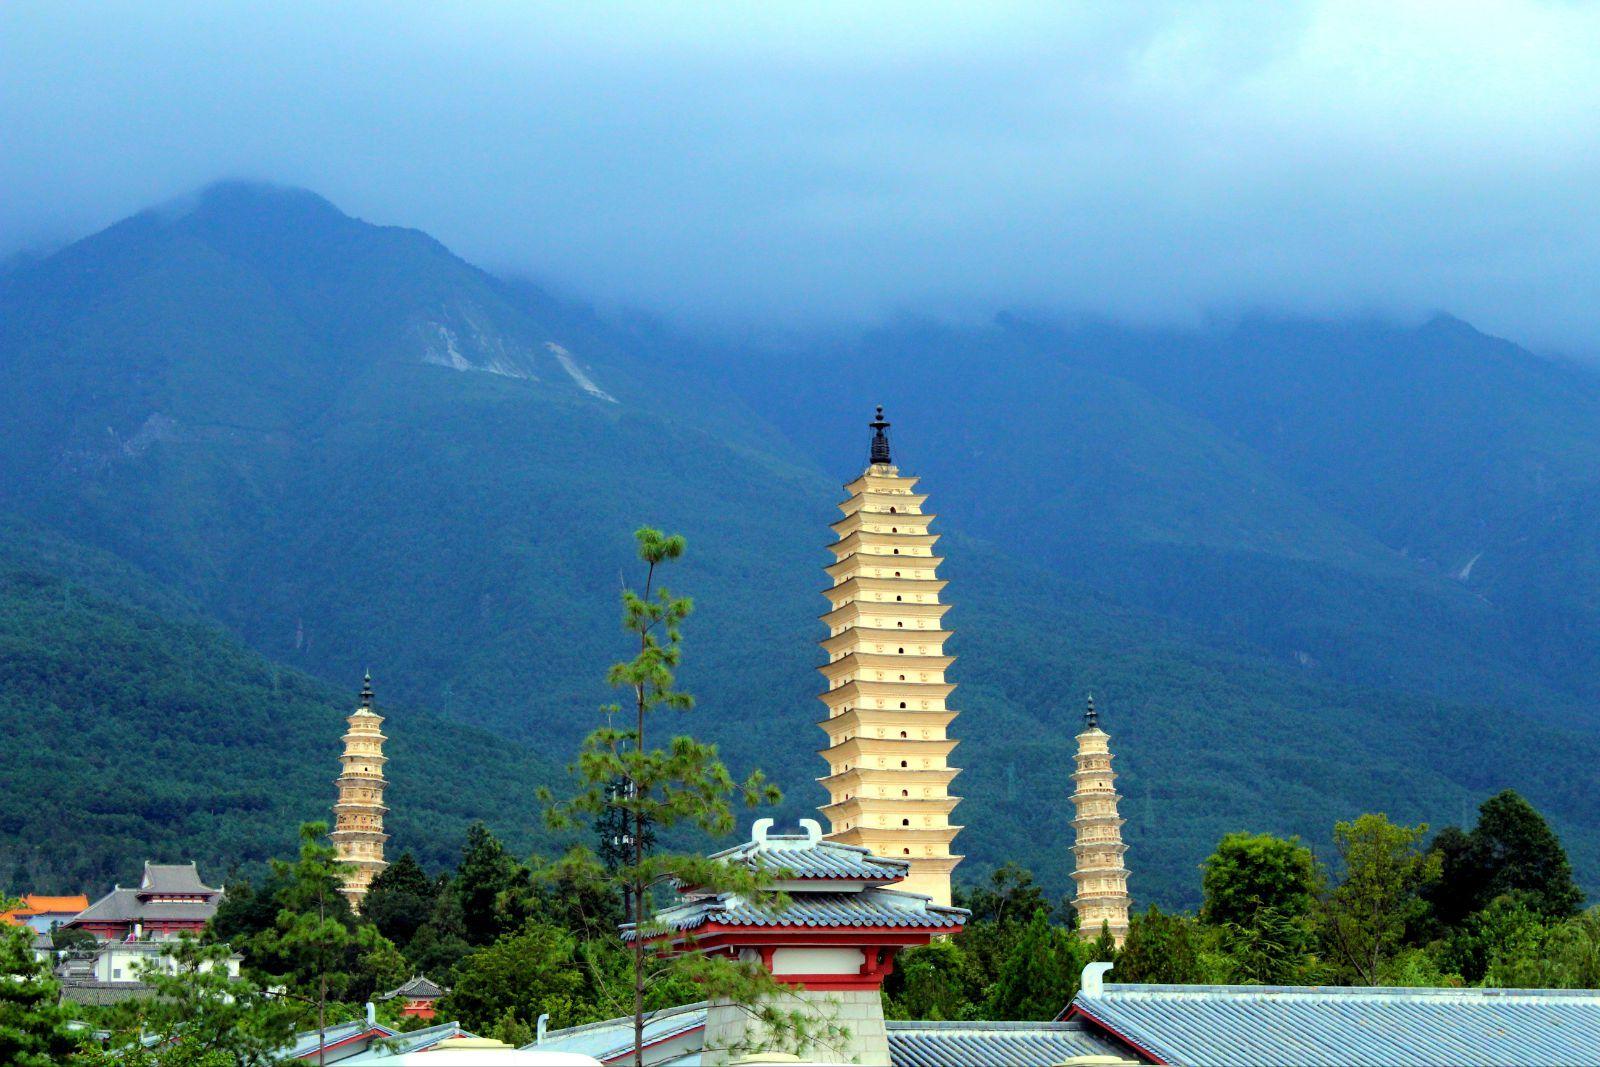 游·云南大理丽江古城+洱海+玉龙雪山+崇圣寺三塔